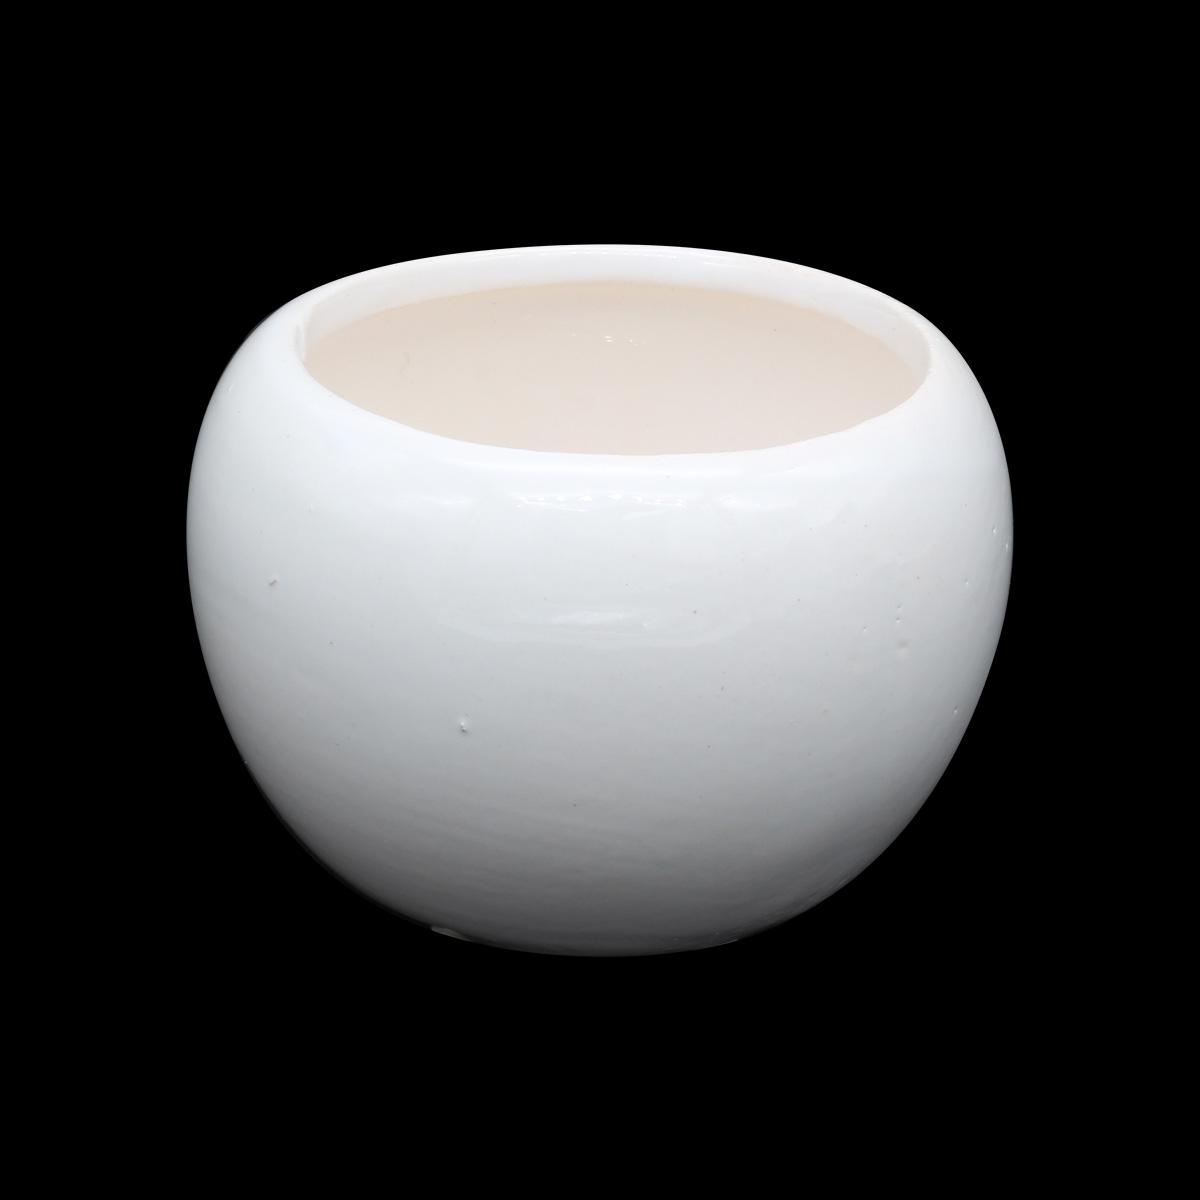 AR068 Горшок мини керамический, круглый, для цветов, 5,5*4,5см, цв. белый